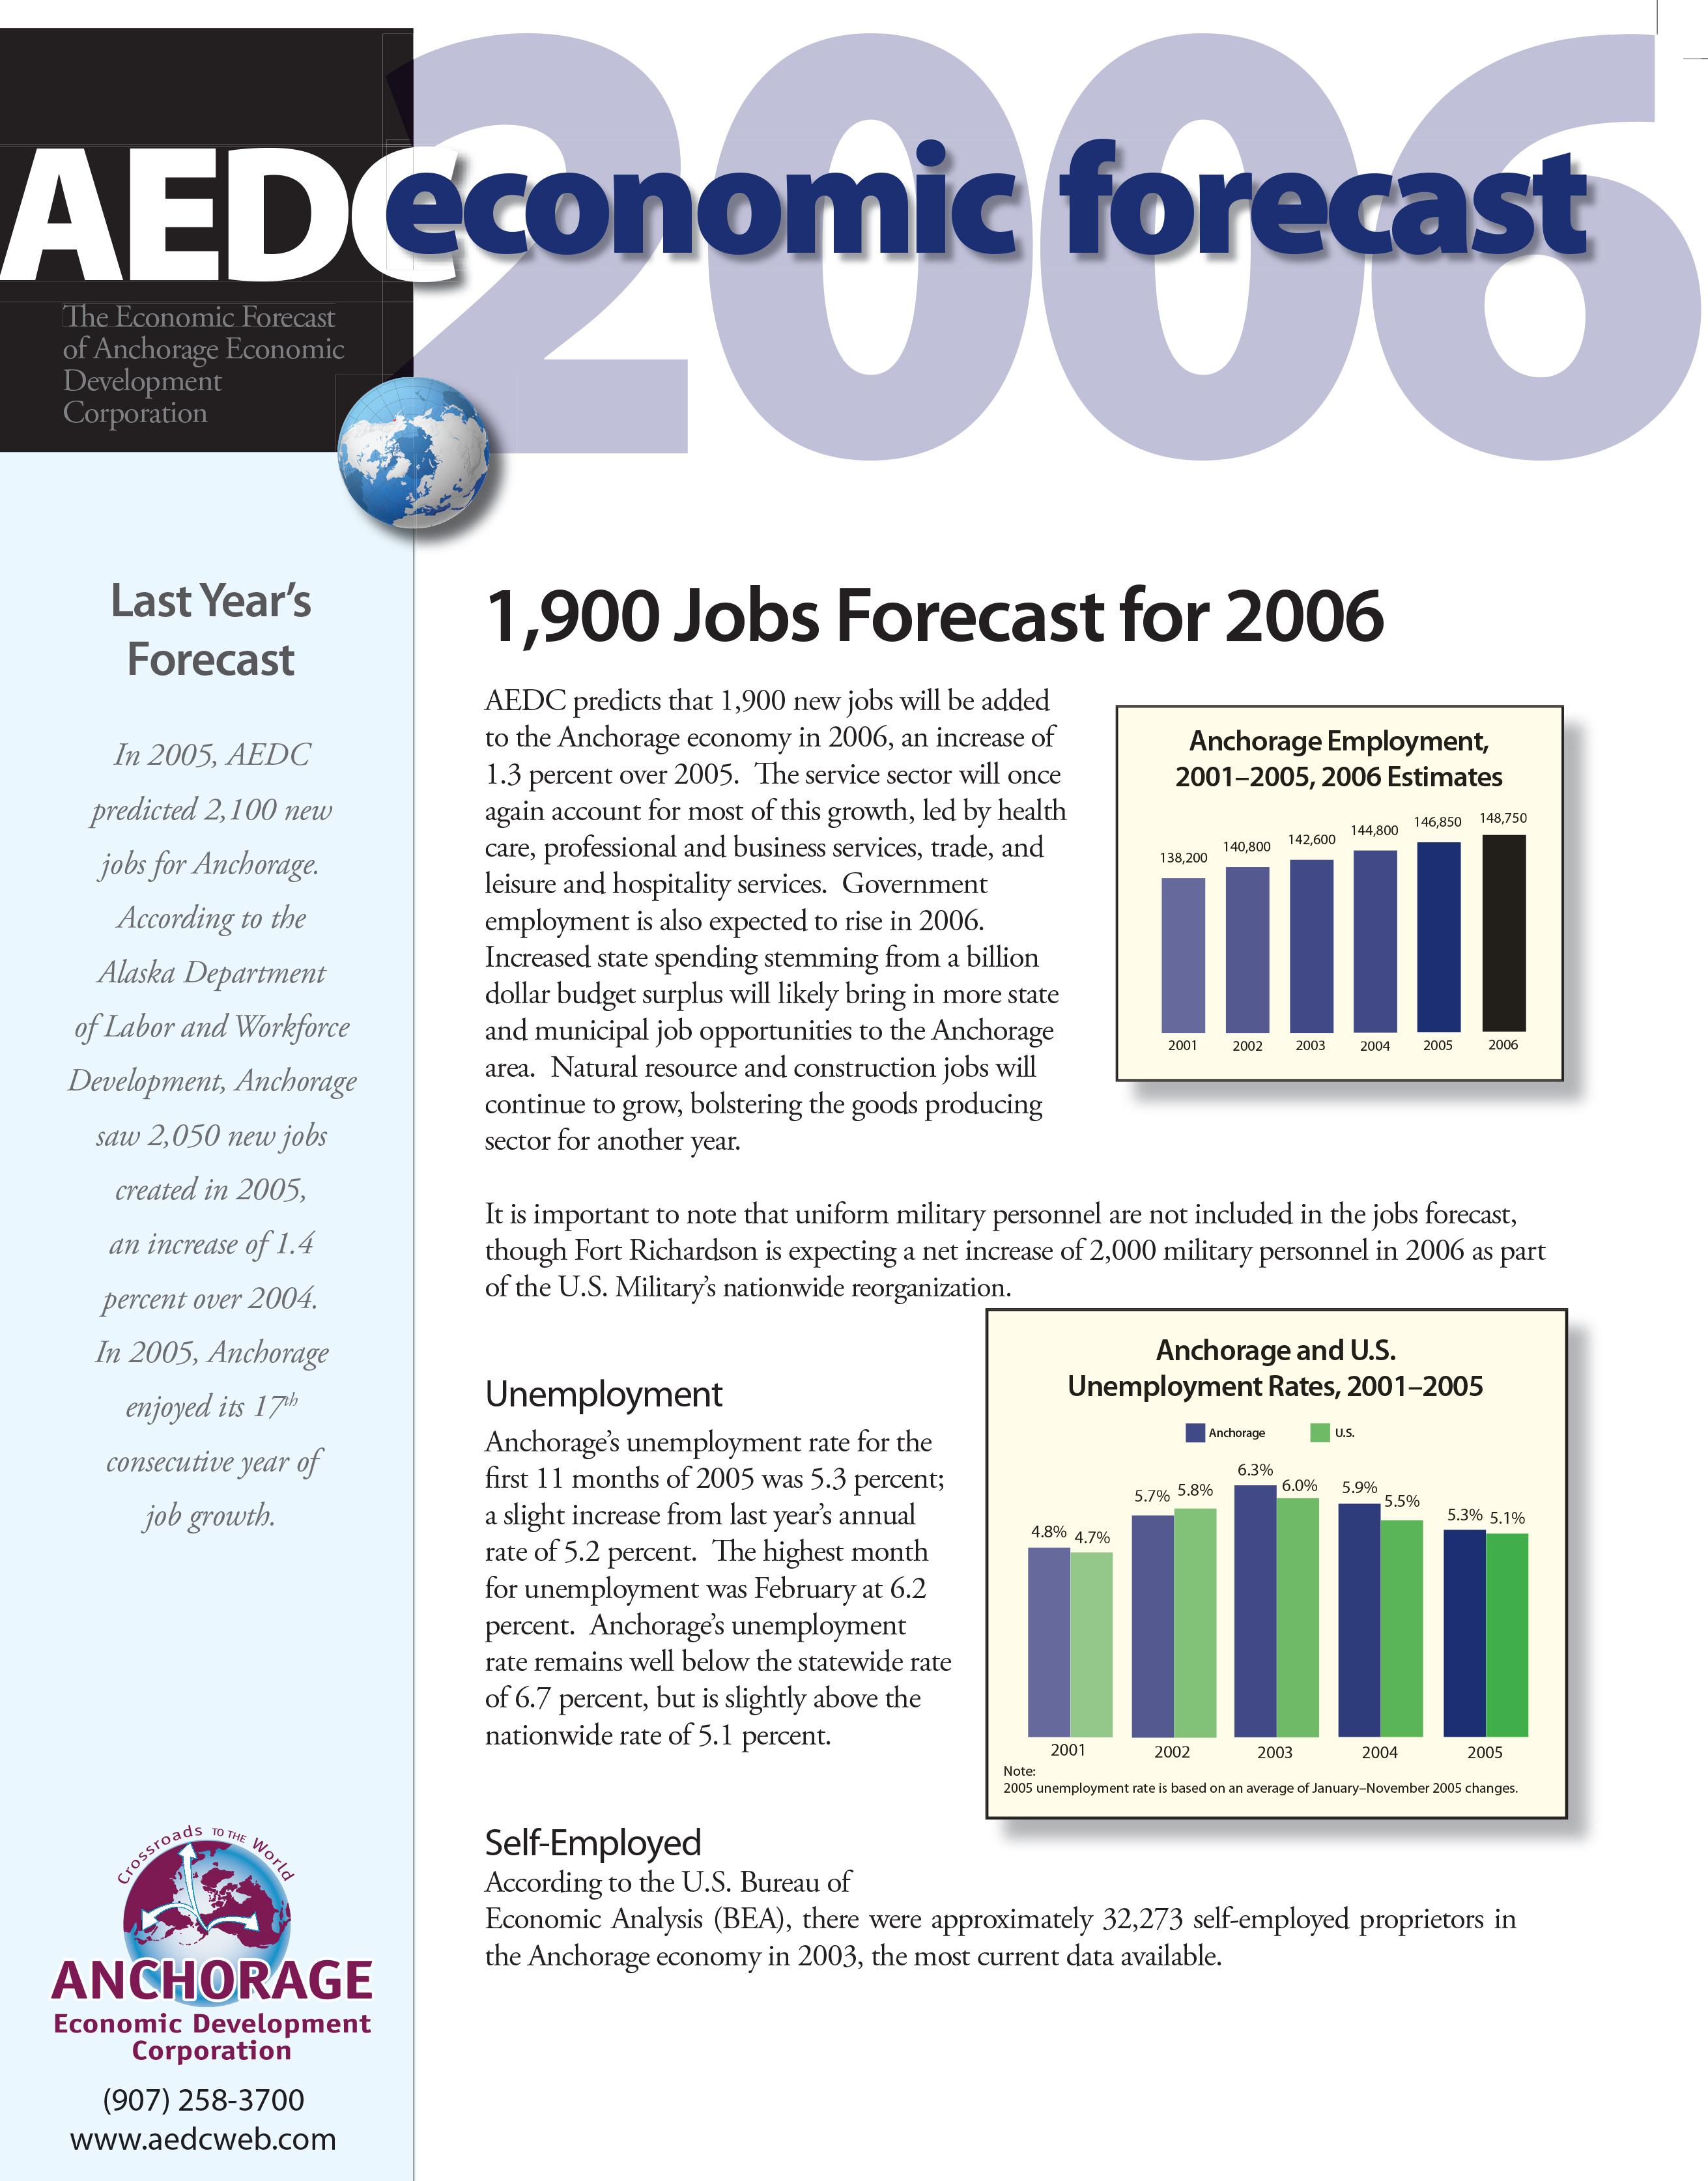 AEDC Economic Forecast Report: 2006